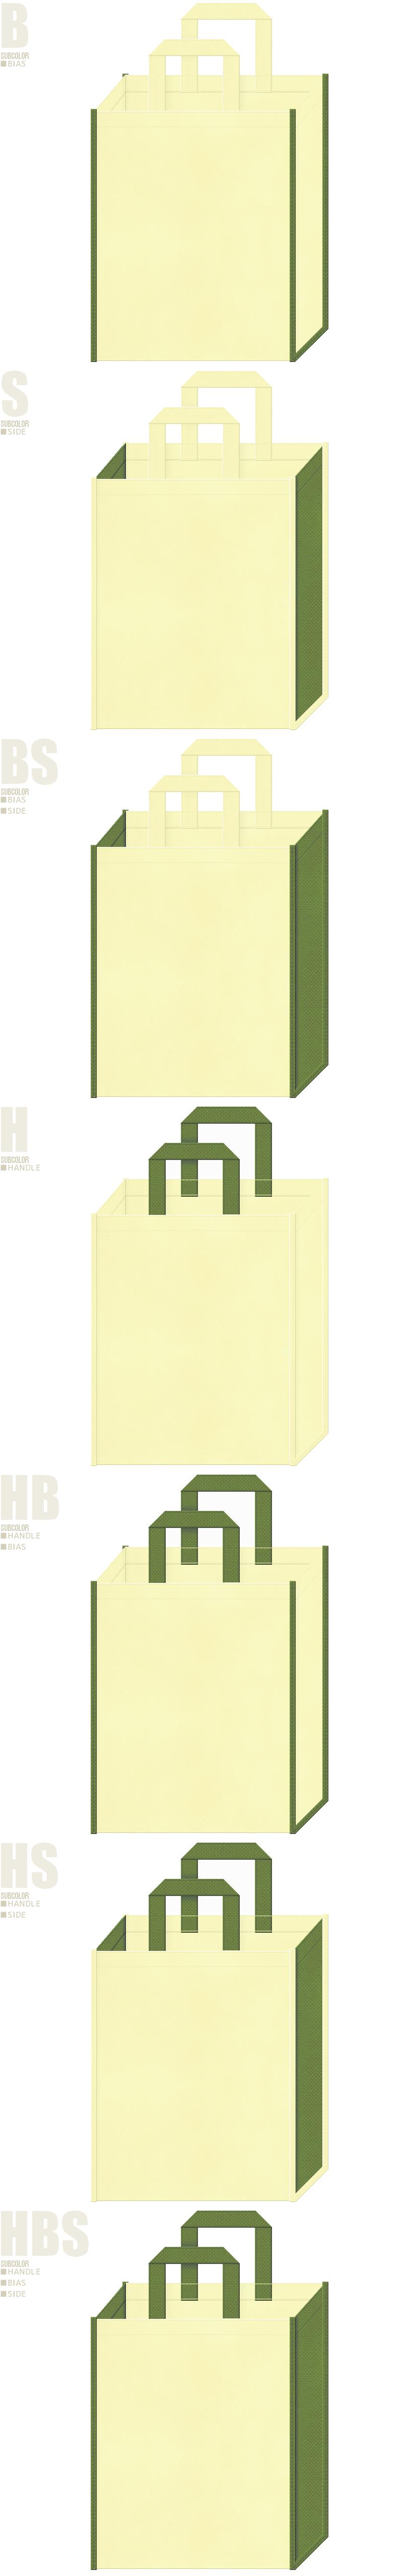 絵本・むかし話・影絵・月光・和紙・和風照明・和菓子・お月見・お城イベント・和風催事にお奨めの不織布バッグデザイン:薄黄色と草色の配色7パターン。